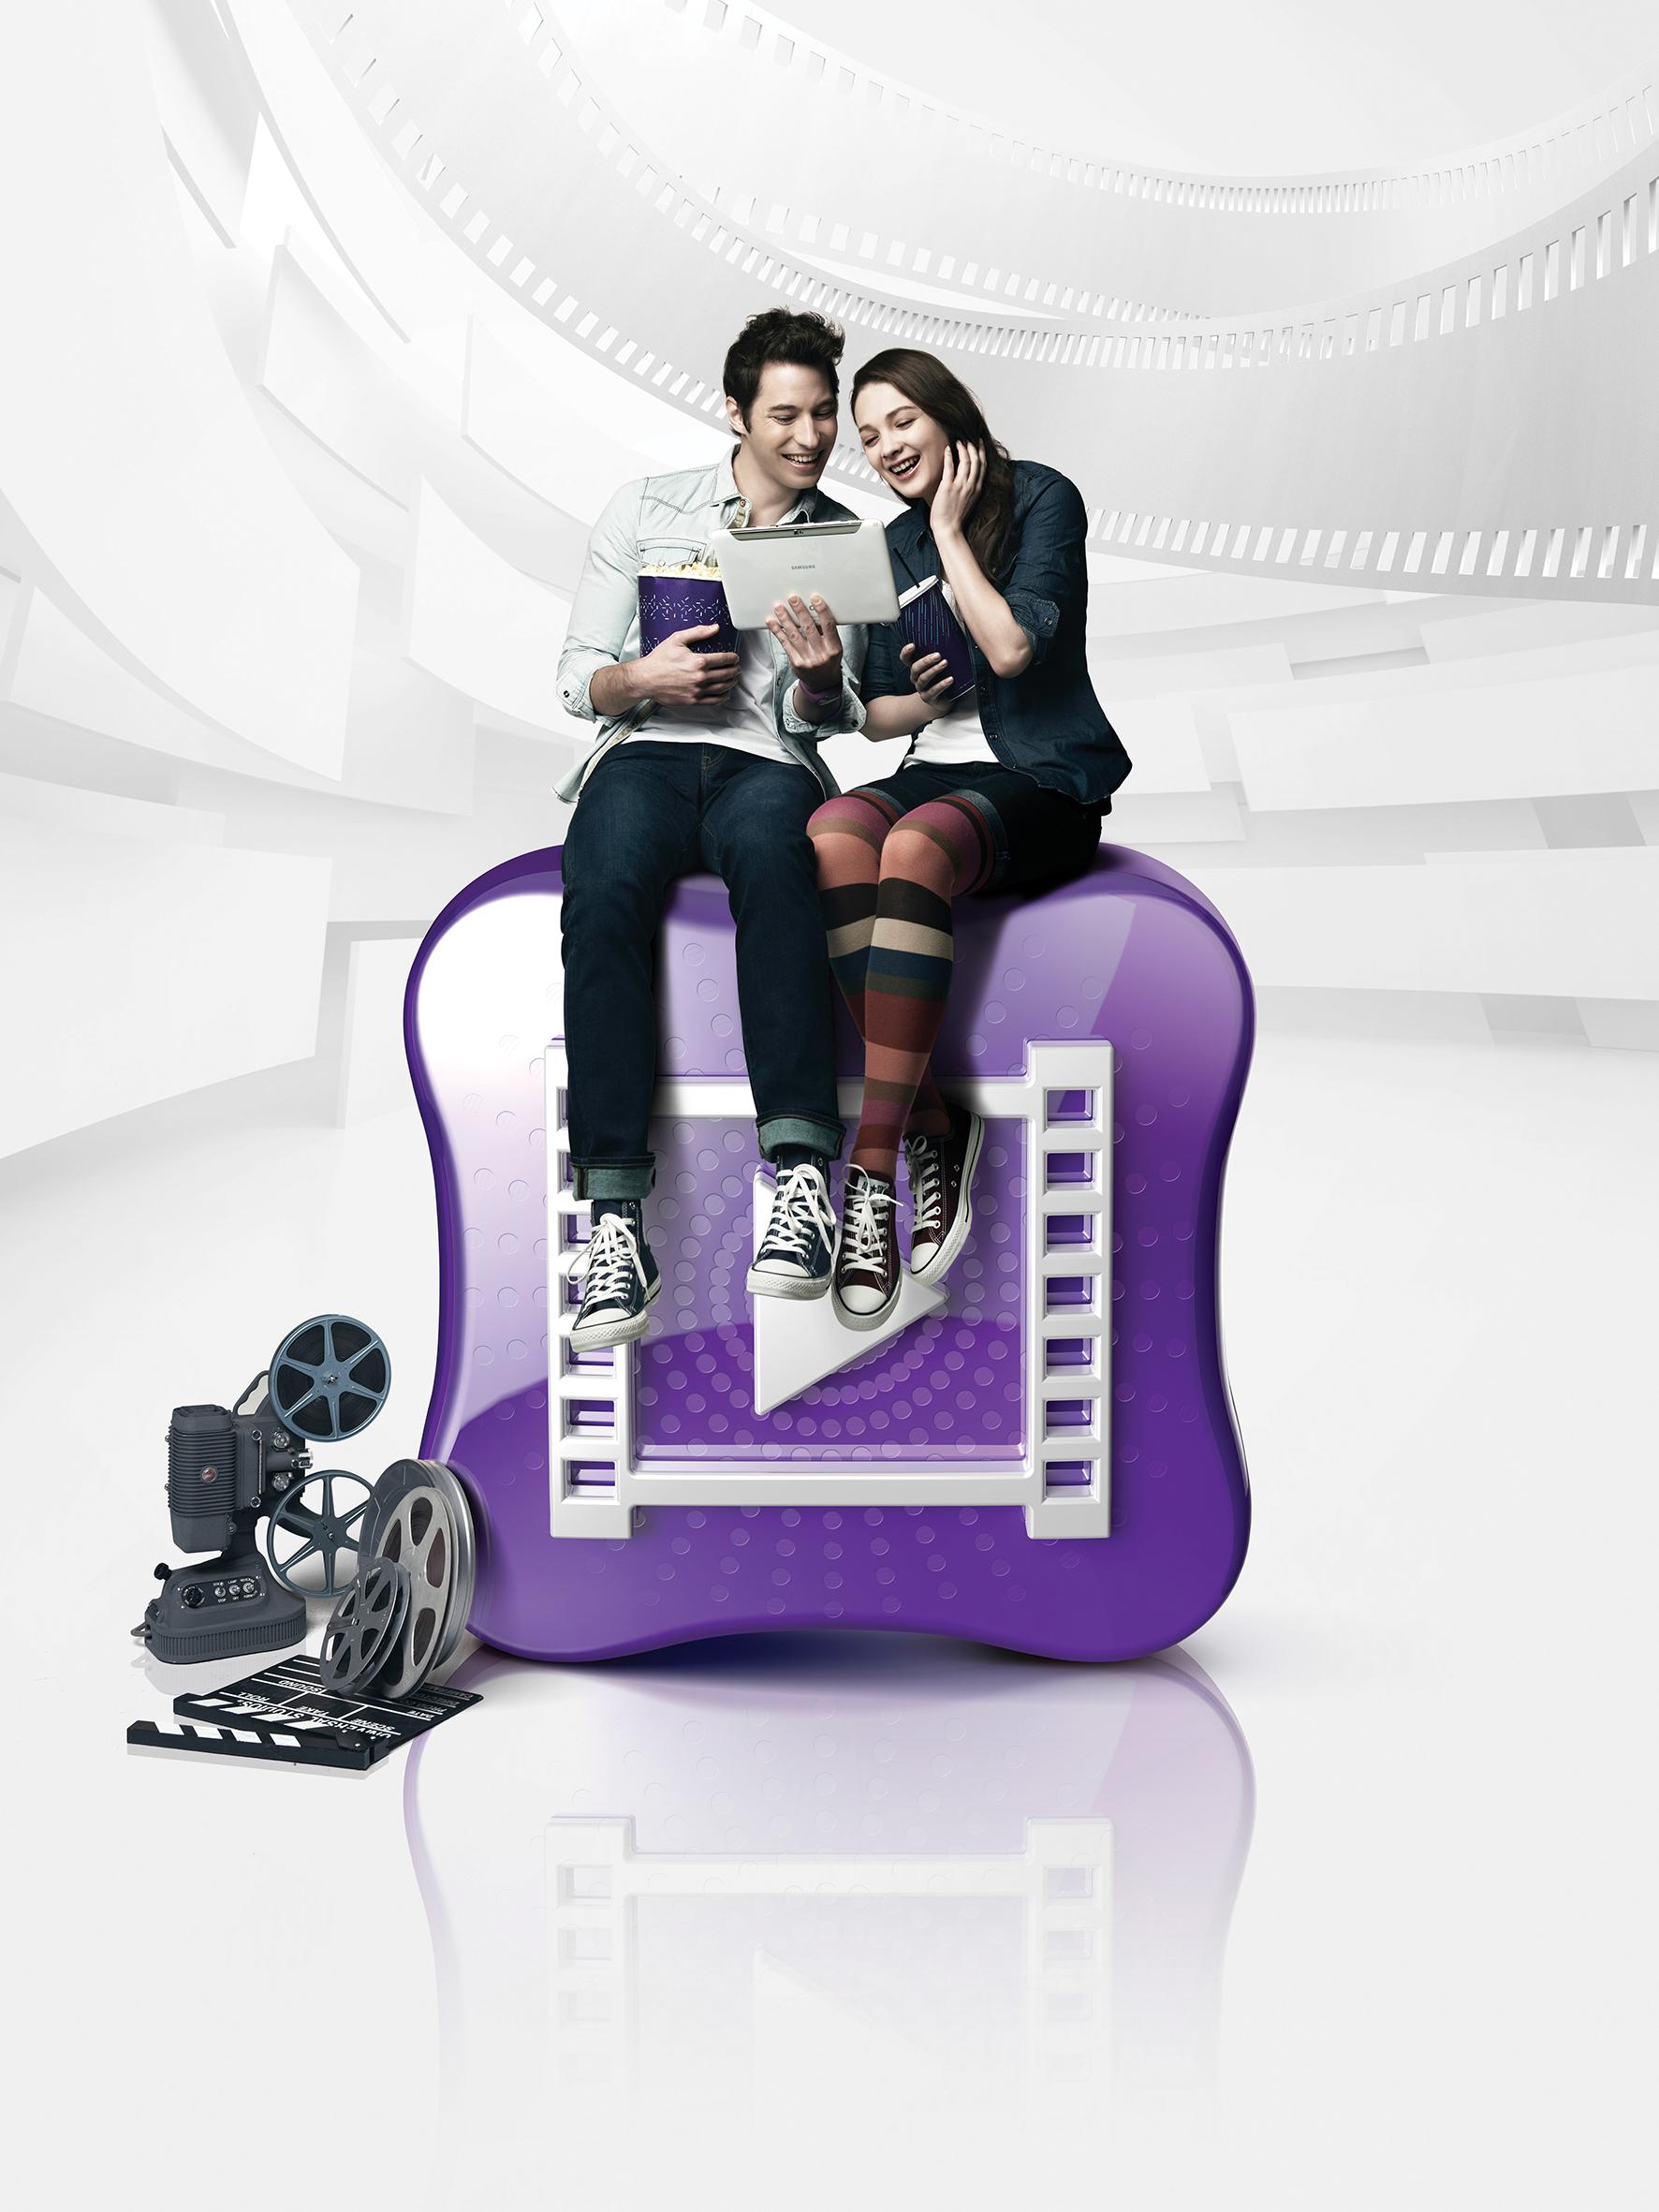 smart hub(movie)